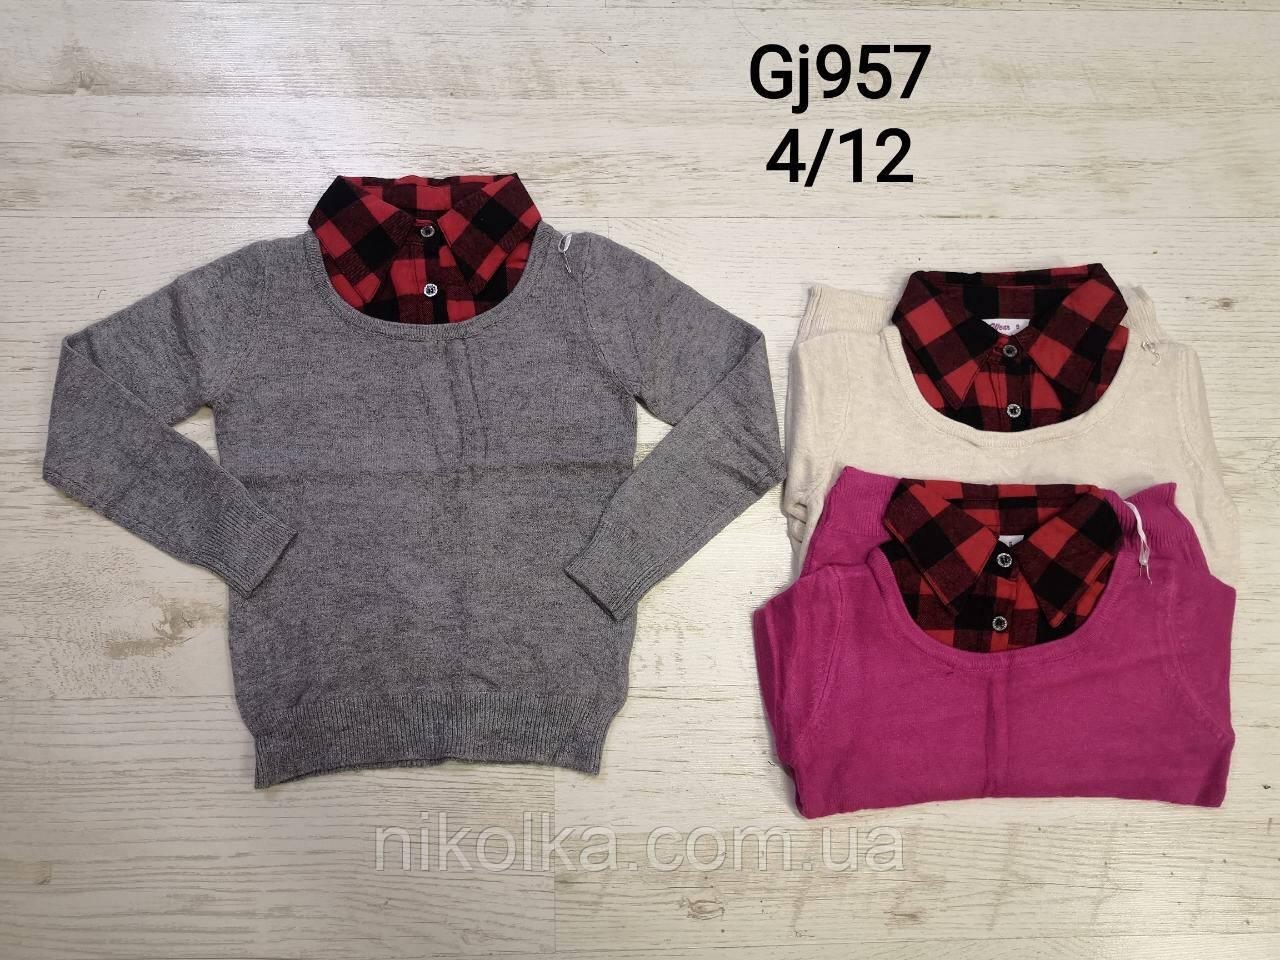 Свитер для девочек оптом, Nice Wear, 4-12 лет, aрт. GJ957